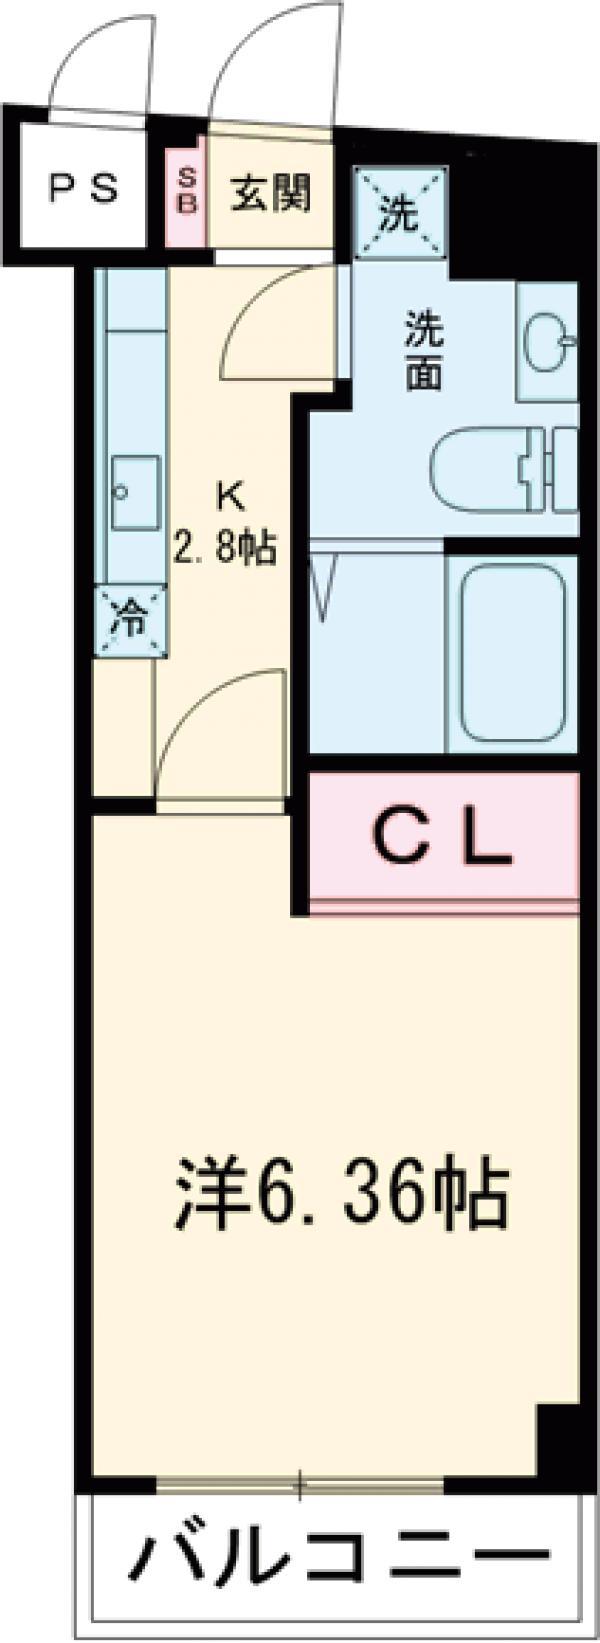 旗ヶ岡アパートメント 703号室の間取り